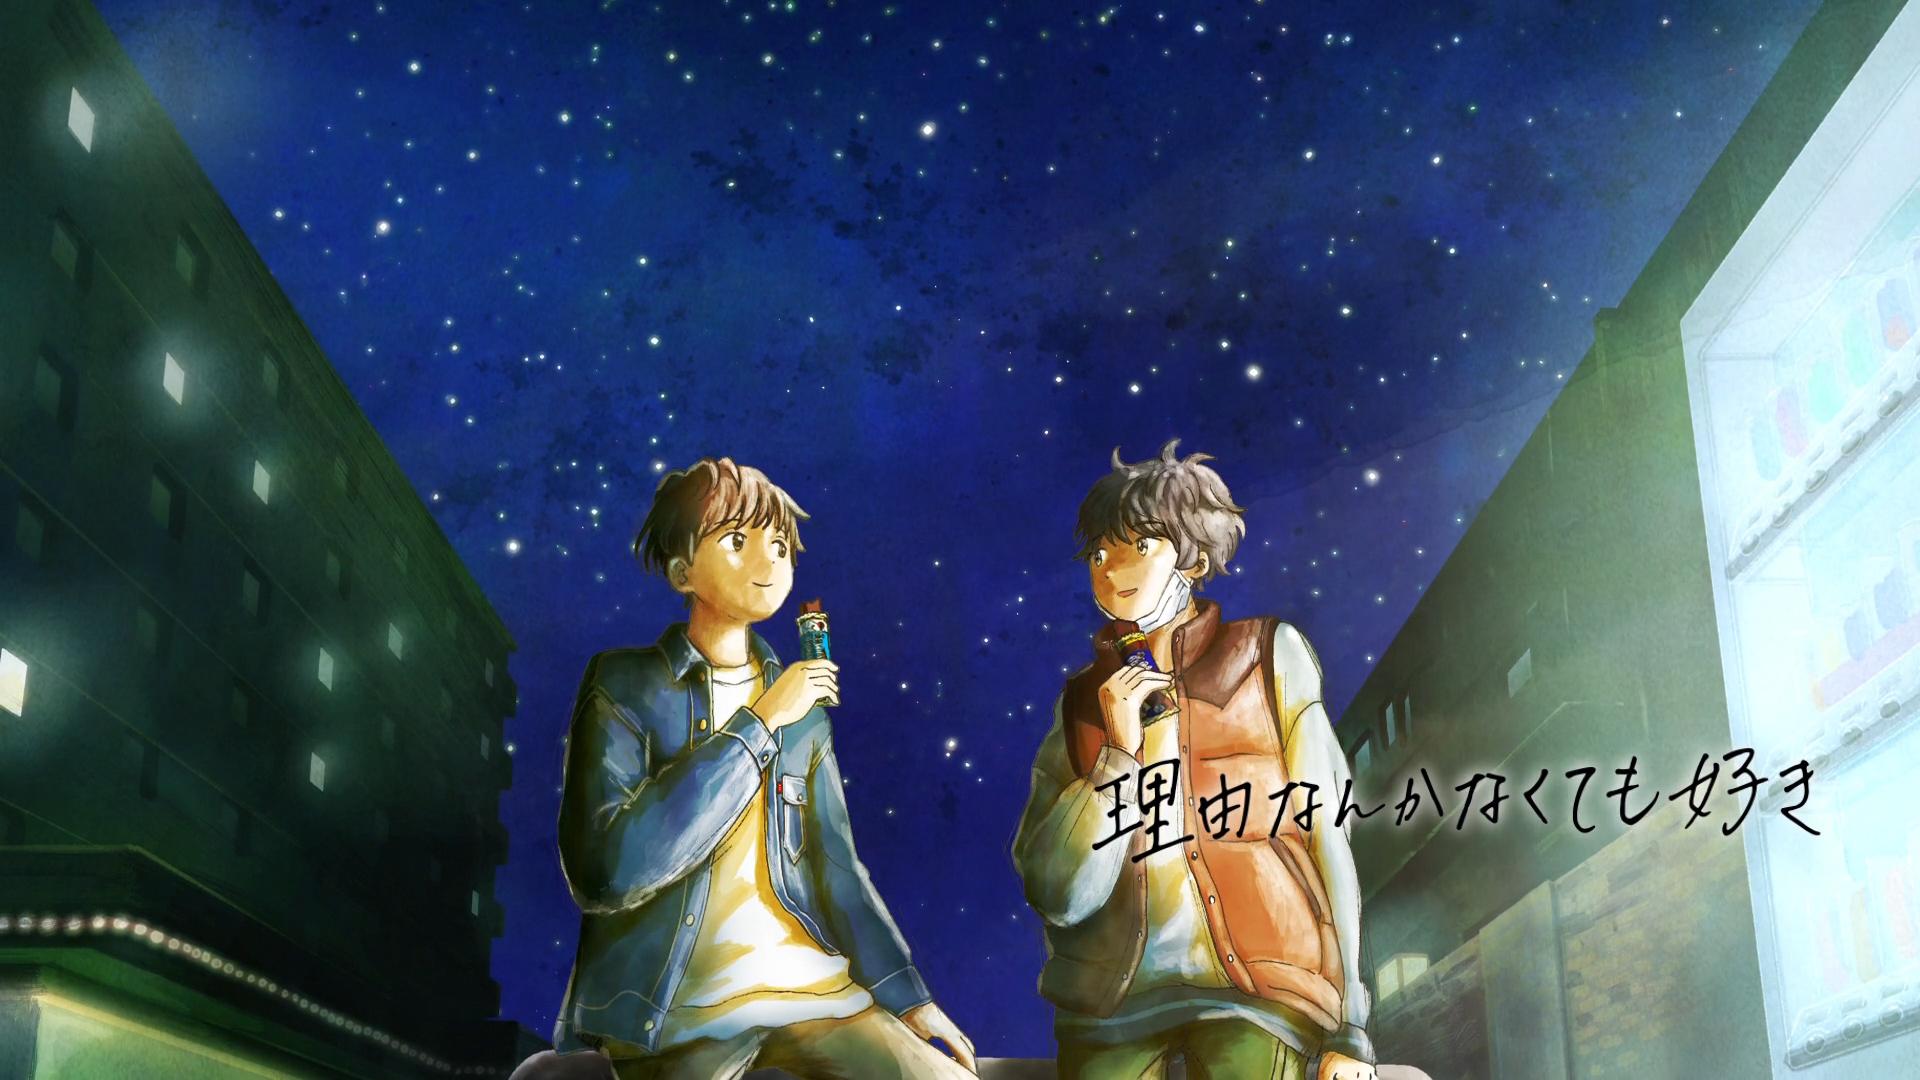 オーディオ小説「no doubt」がアニメTVCMに (2)